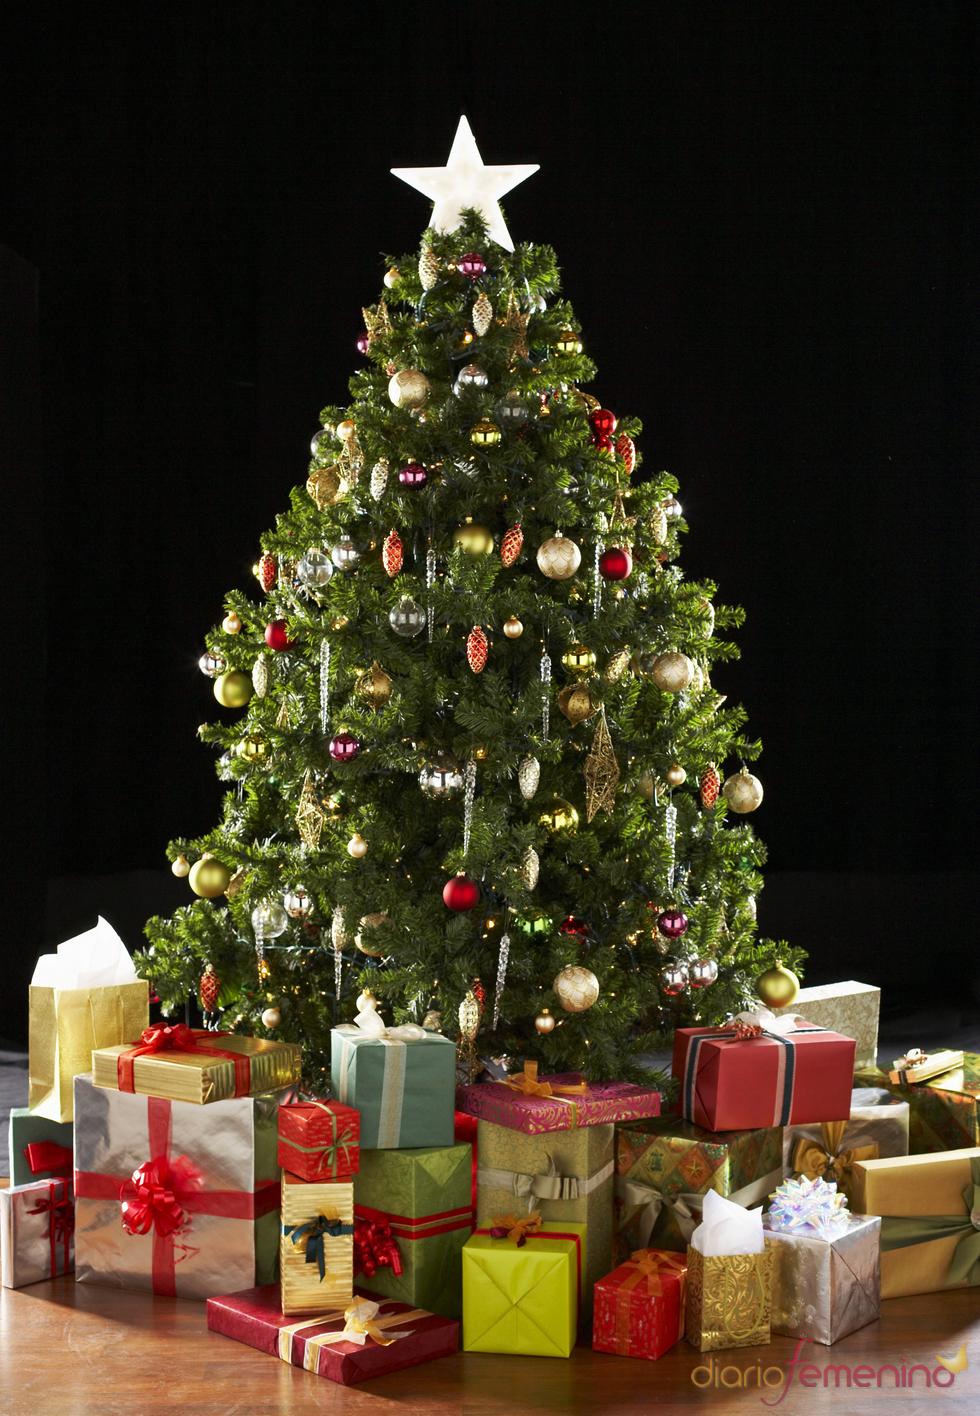 Ministerio joven ellen white y el rbol de navidad - Decoracion de arboles navidenos ...